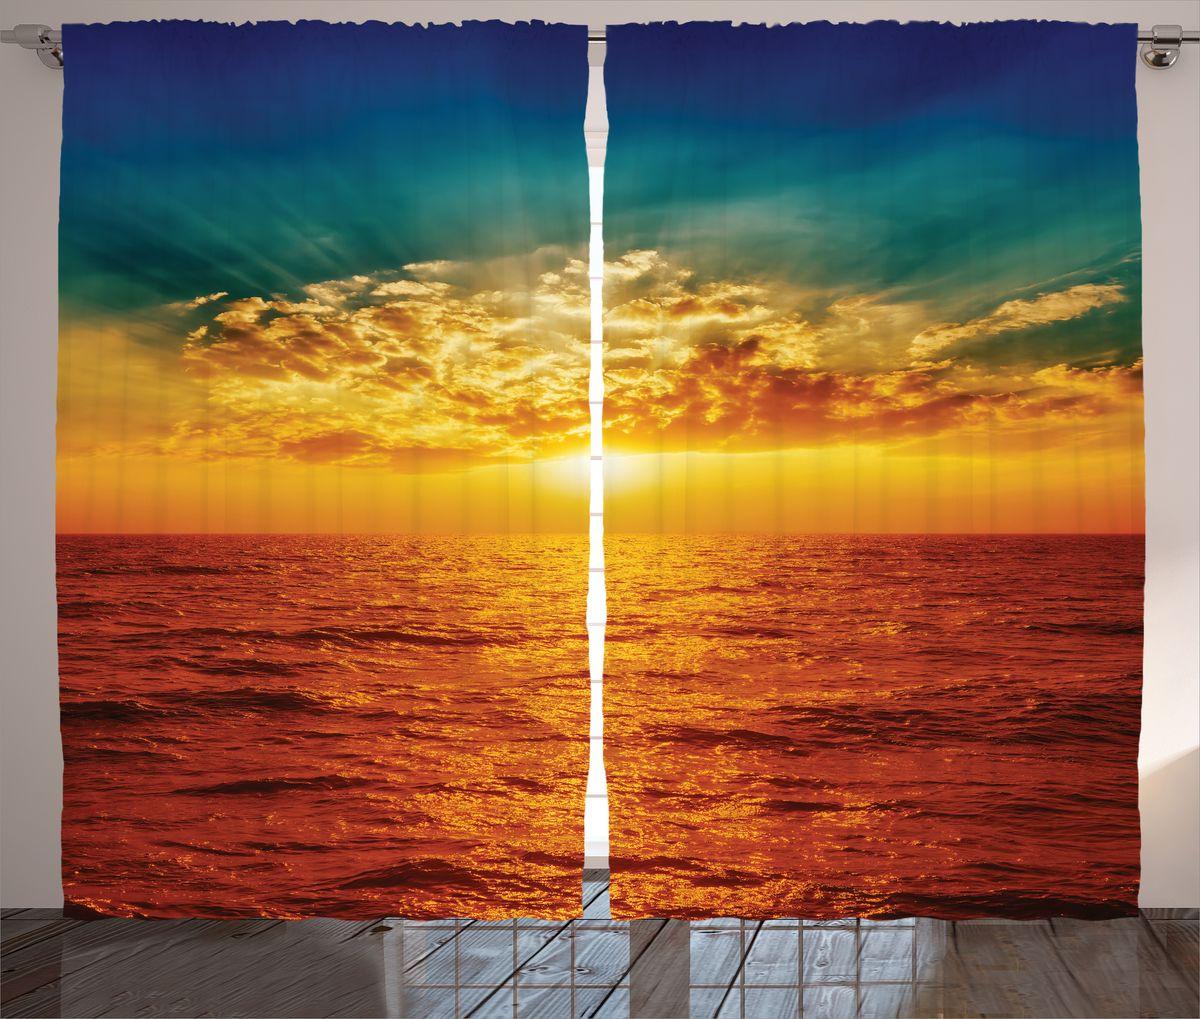 Комплект фотоштор Magic Lady Красное море, на ленте, высота 265 см. шсг_15031шсг_15031Компания Сэмболь изготавливает шторы из высококачественного сатена (полиэстер 100%). При изготовлении используются специальные гипоаллергенные чернила для прямой печати по ткани, безопасные для человека и животных. Экологичность продукции Magic lady и безопасность для окружающей среды подтверждены сертификатом Oeko-Tex Standard 100. Крепление: крючки для крепления на шторной ленте (50 шт). Возможно крепление на трубу. Внимание! При нанесении сублимационной печати на ткань технологическим методом при температуре 240°С, возможно отклонение полученных размеров (указанных на этикетке и сайте) от стандартных на + - 3-5 см. Производитель старается максимально точно передать цвета изделия на фотографиях, однако искажения неизбежны и фактический цвет изделия может отличаться от воспринимаемого по фото. Обратите внимание! Шторы изготовлены из полиэстра сатенового переплетения, а не из сатина (хлопок). Размер одного полотна шторы: 145х265 см. В комплекте 2...